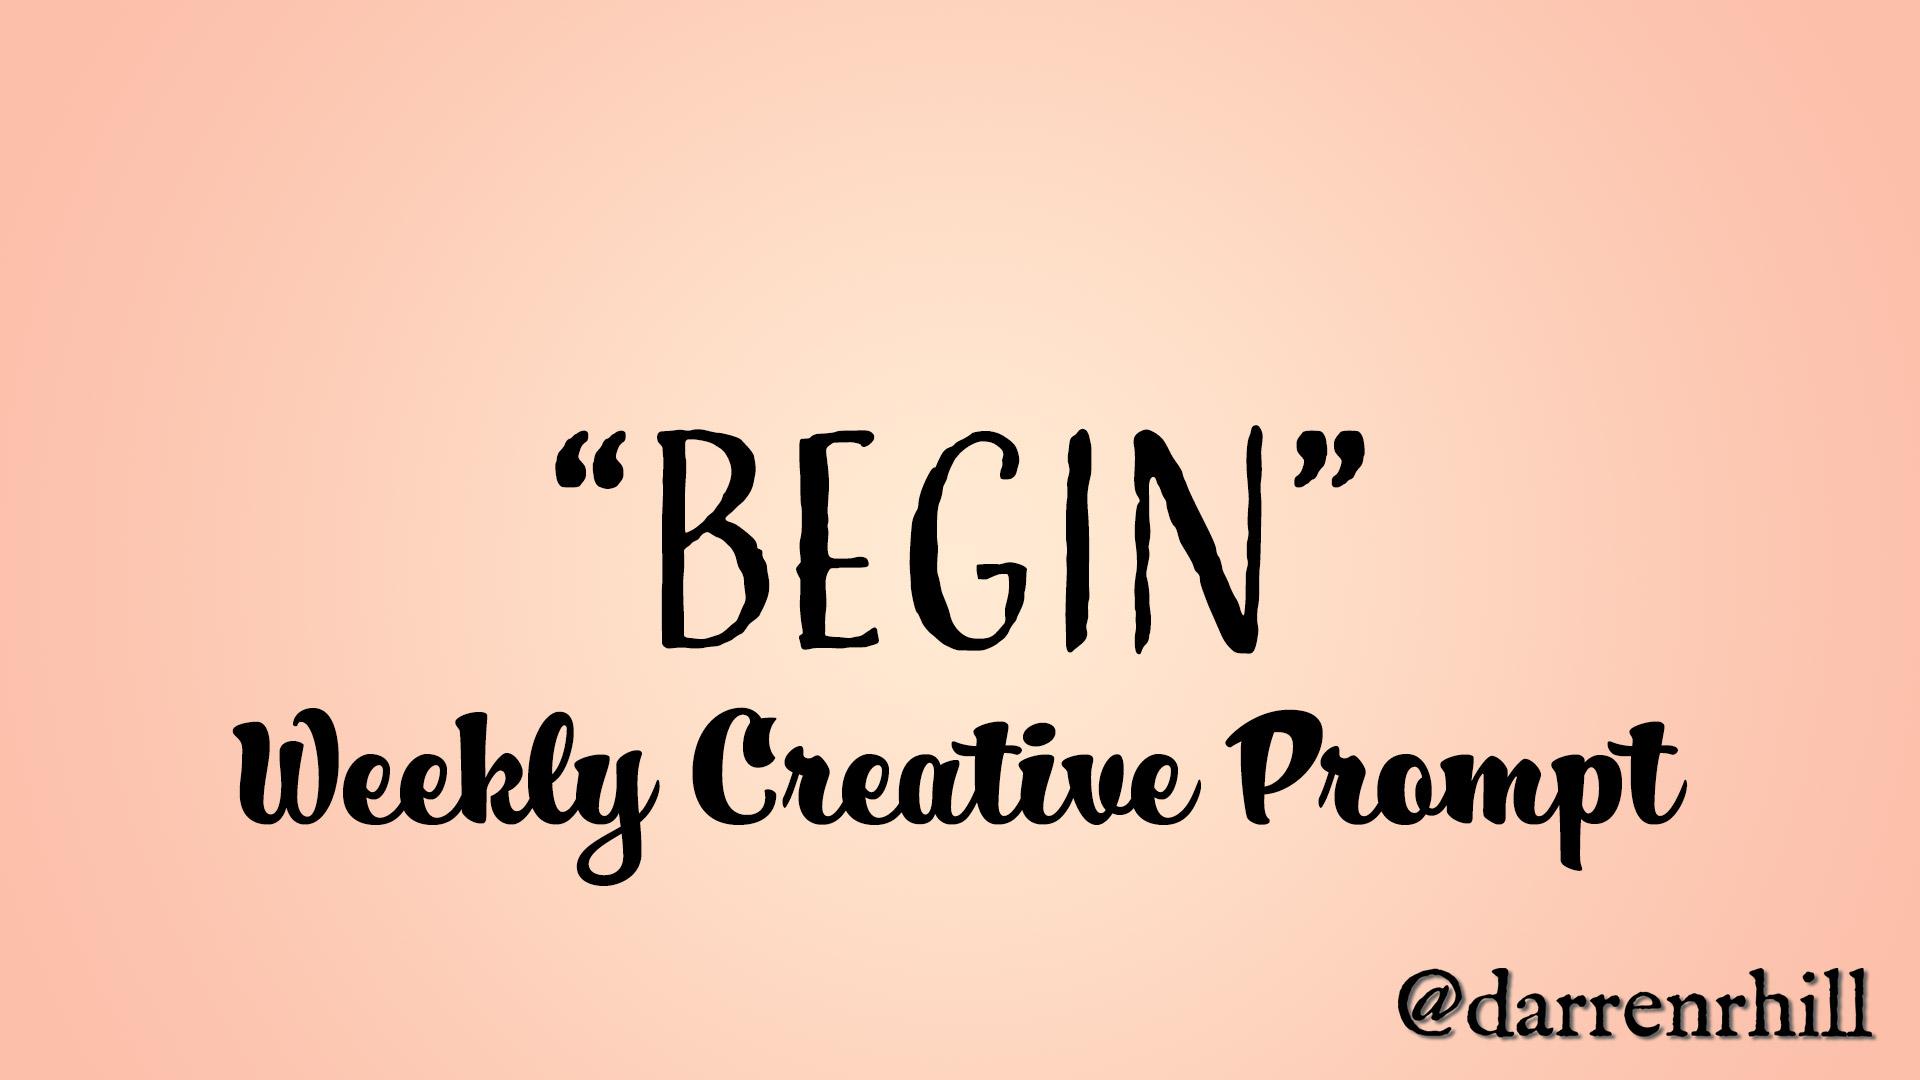 Begin - weekly creative prompt